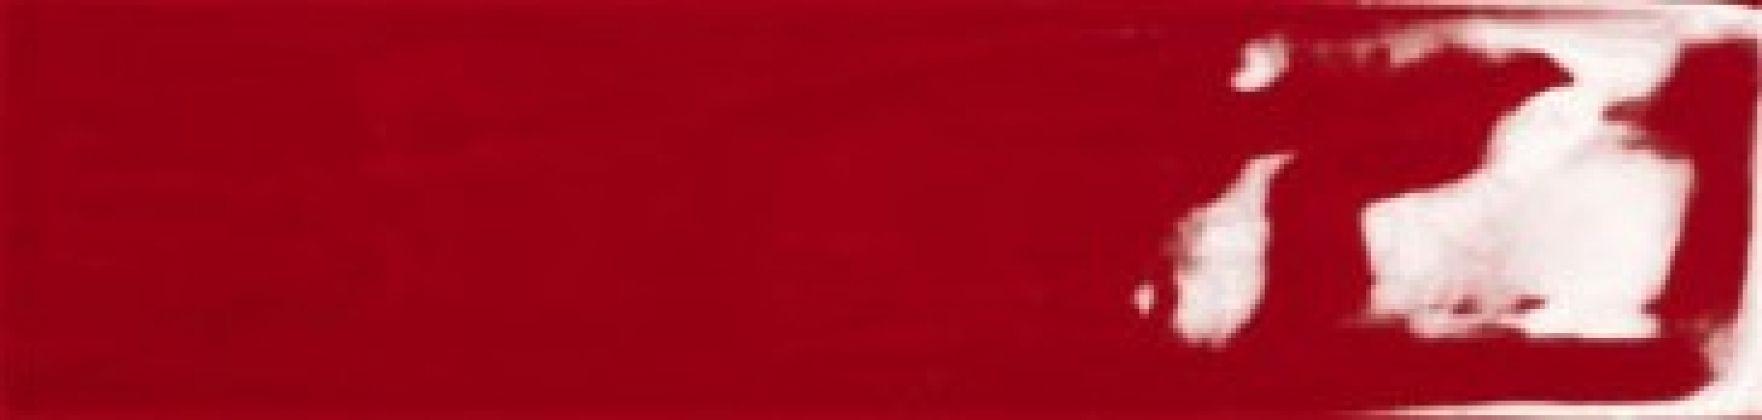 MAIOLICA GLOSS RED 7,5x30